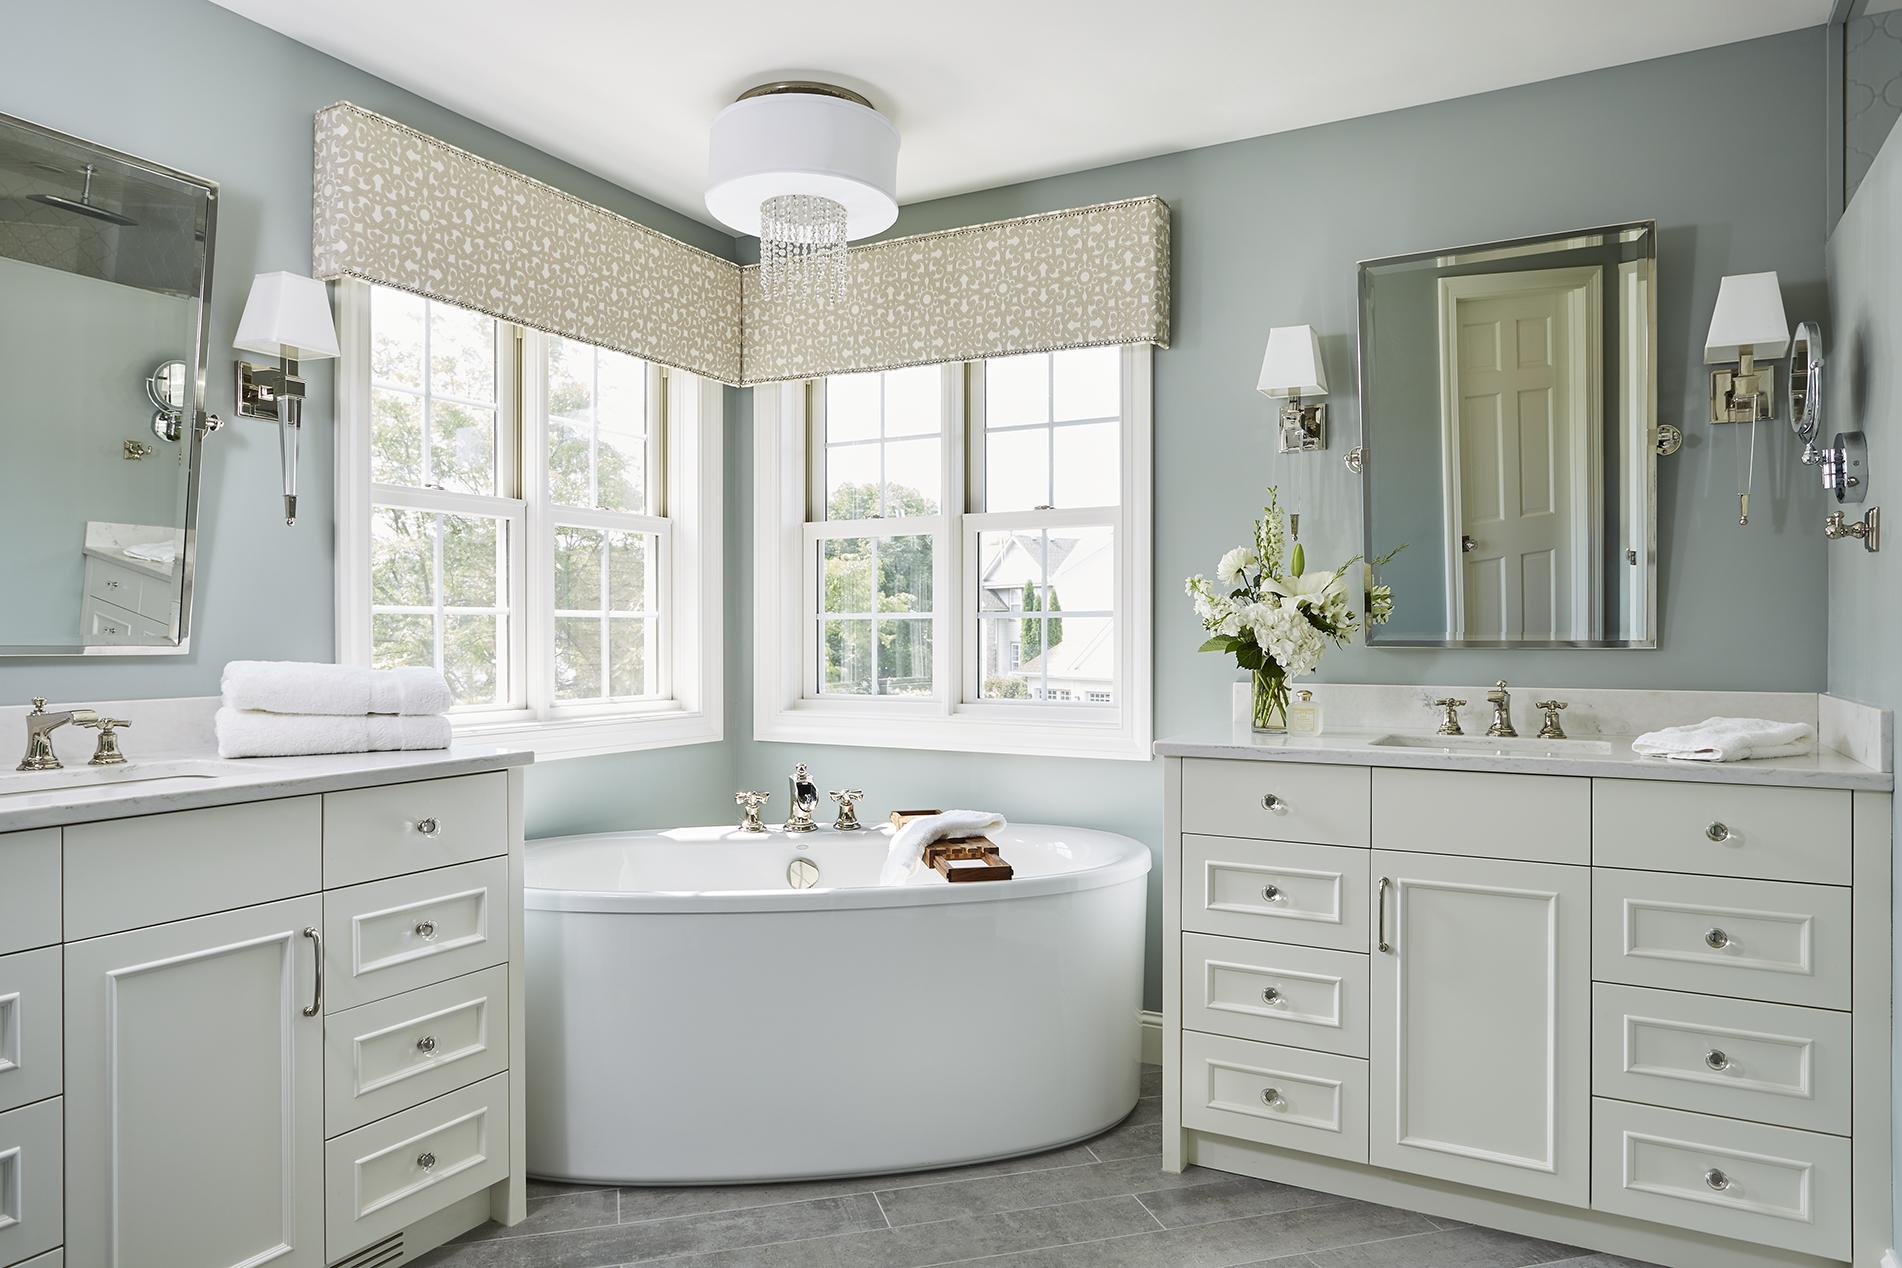 master-suite-double-vanities.jpg